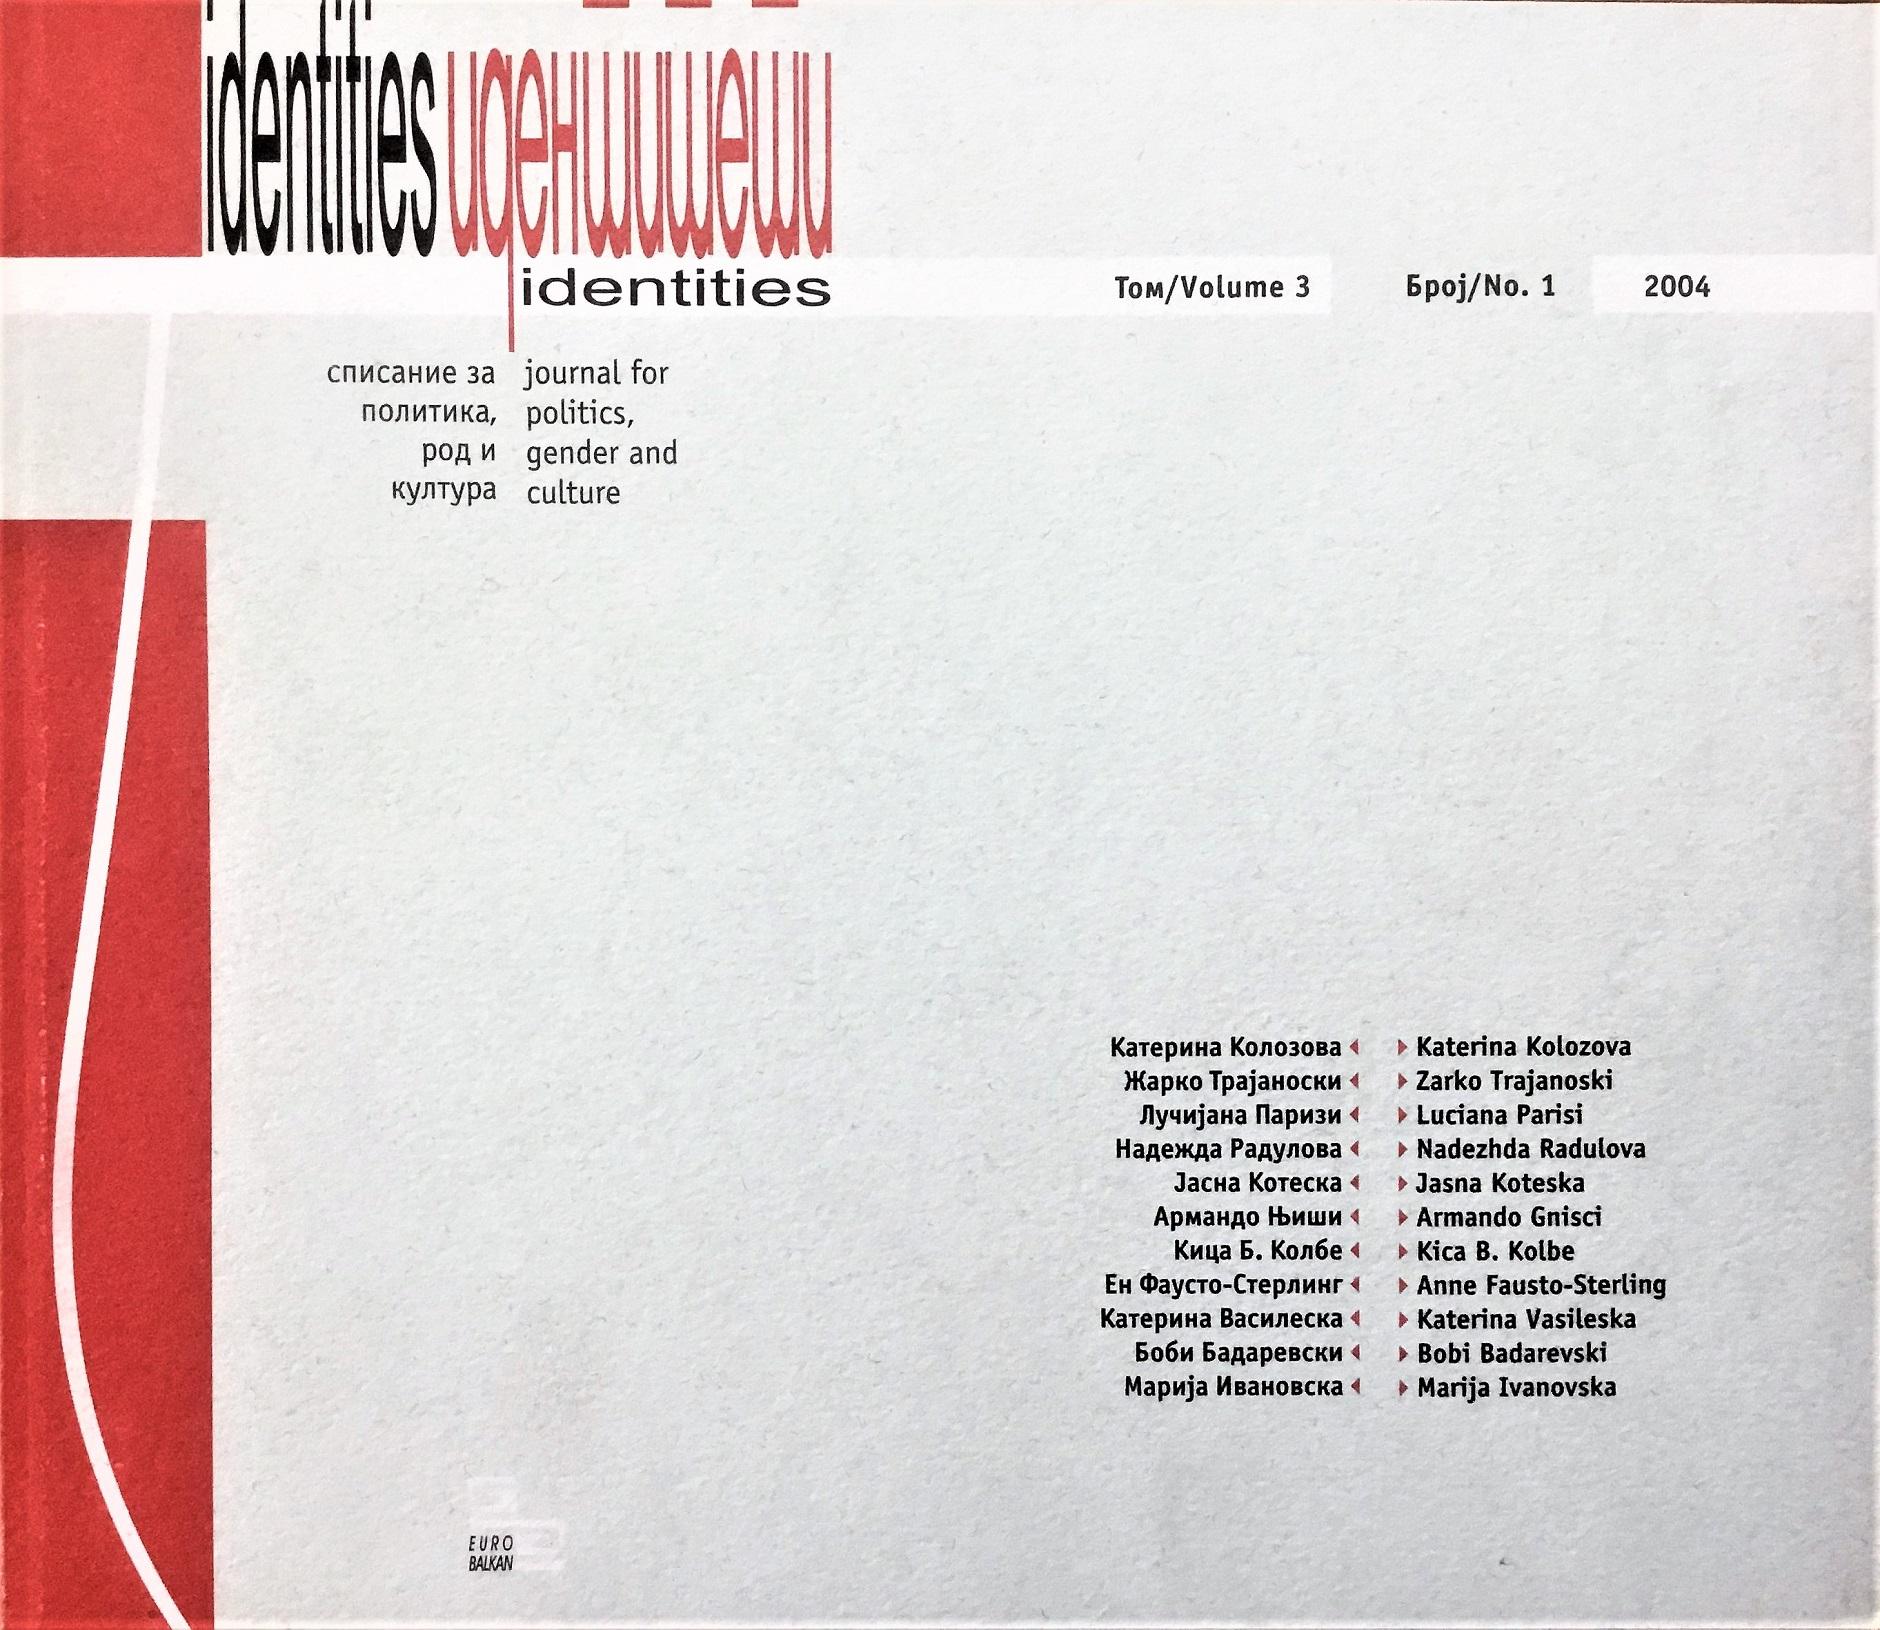 View Vol. 3 No. 1 (2004): Vol. 3, No. 1 (Summer 2004) - Issue No. 6